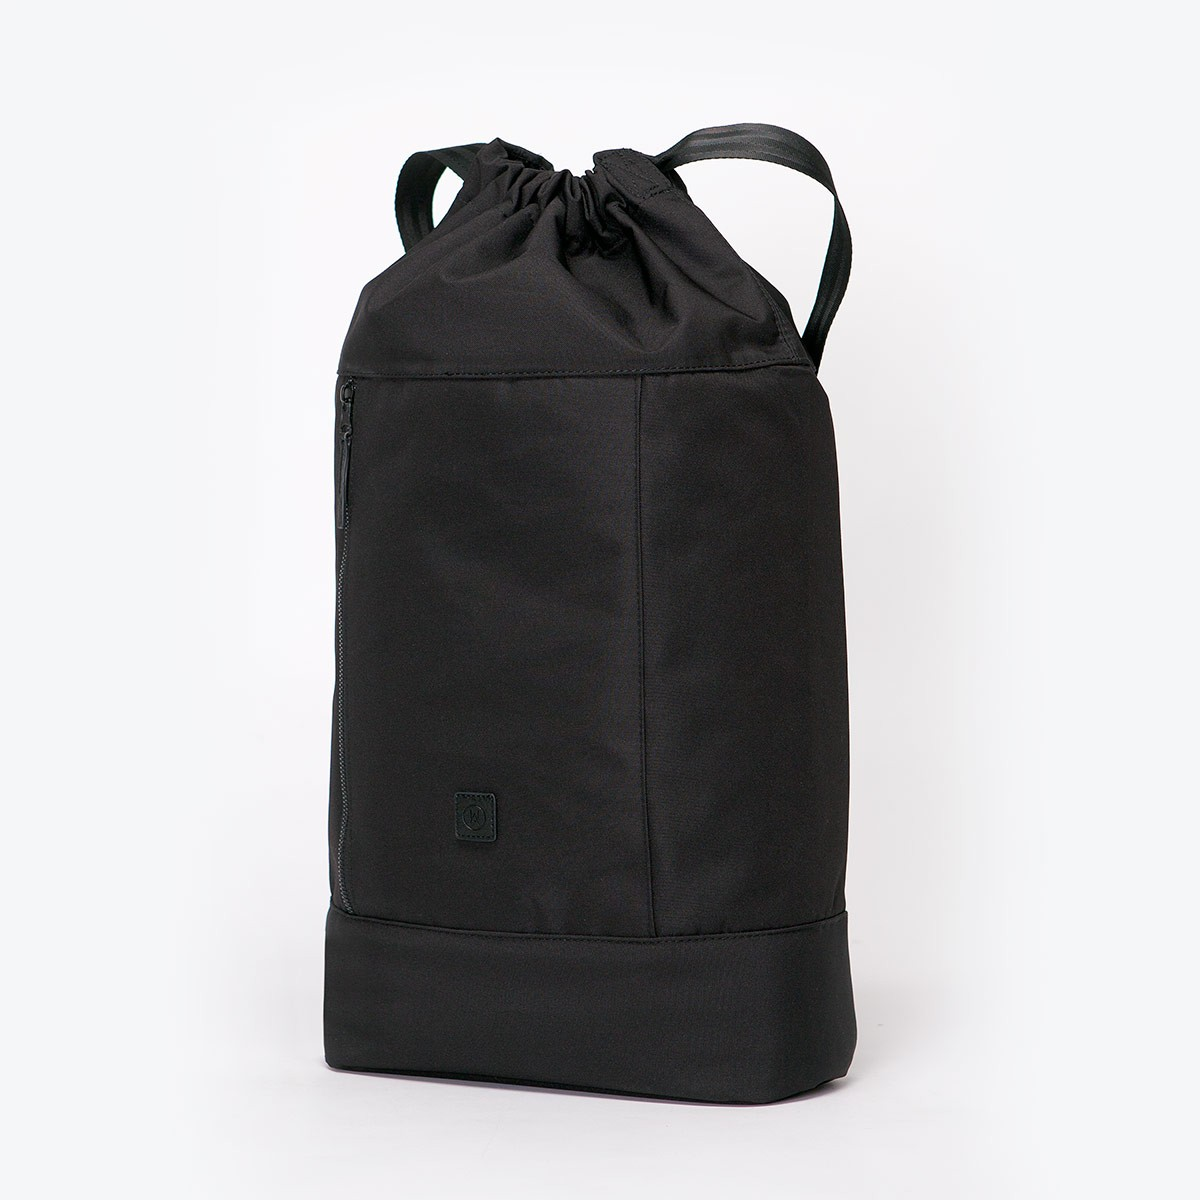 ucon acrobatics august backpack garmentory. Black Bedroom Furniture Sets. Home Design Ideas